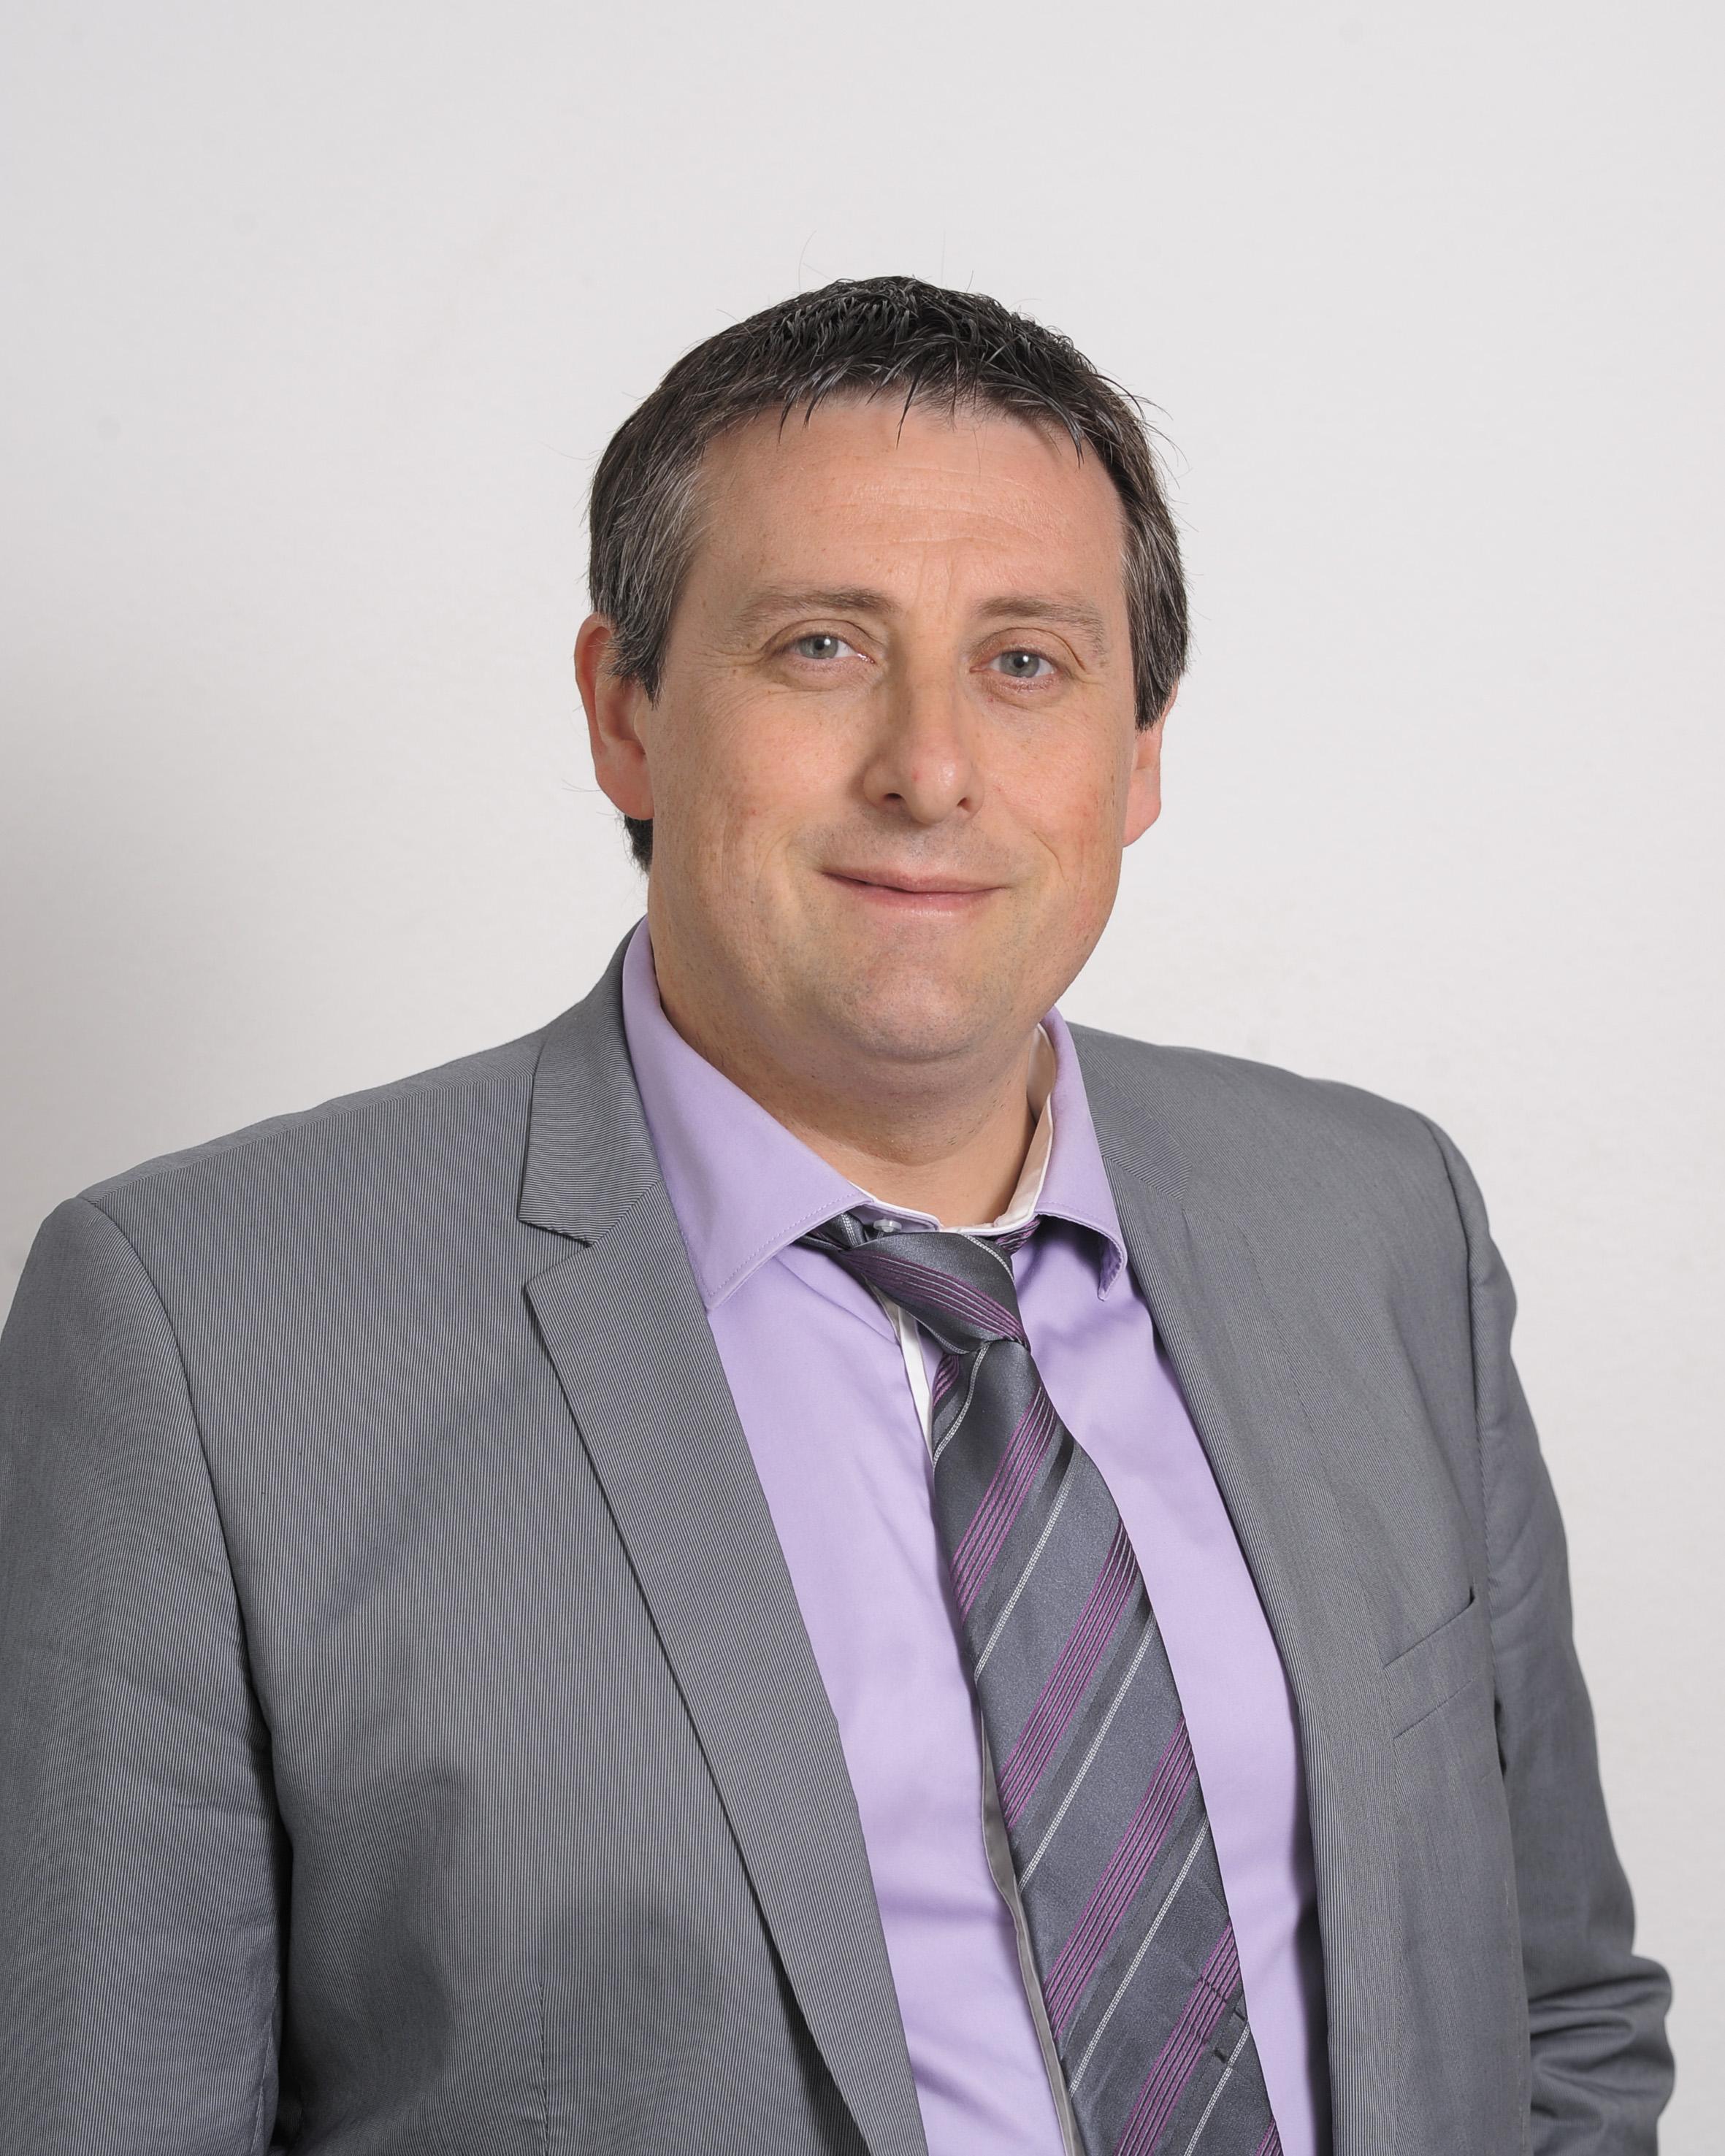 Marc Boriosi